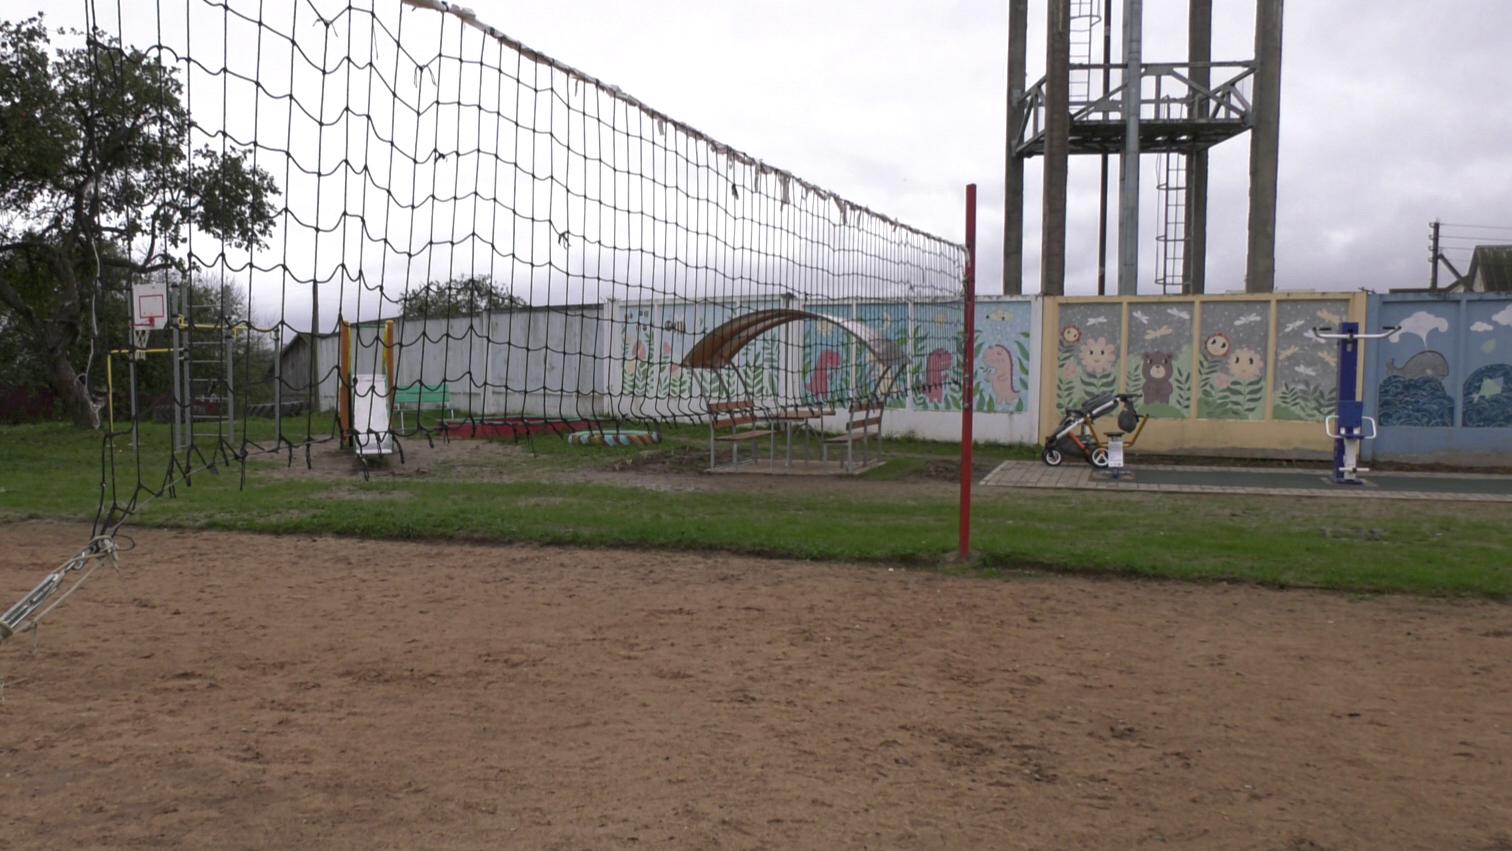 ploshhadka     - В Ольгово местные жители обустраивают спортплощадку (видео)